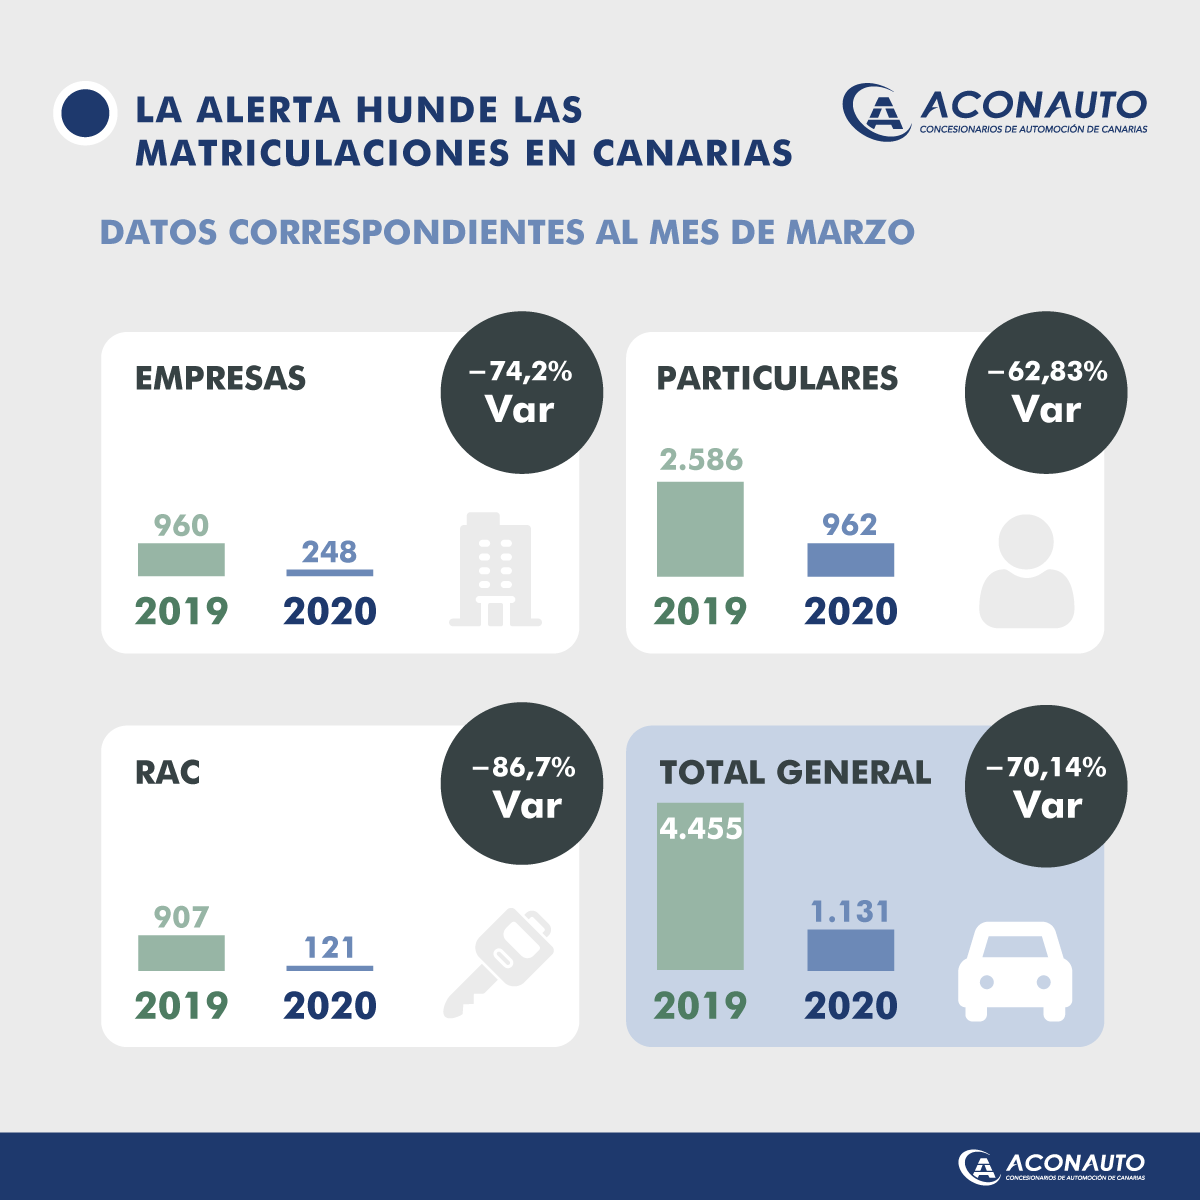 Las matriculaciones en Canarias caen un 70% en el mes de marzo